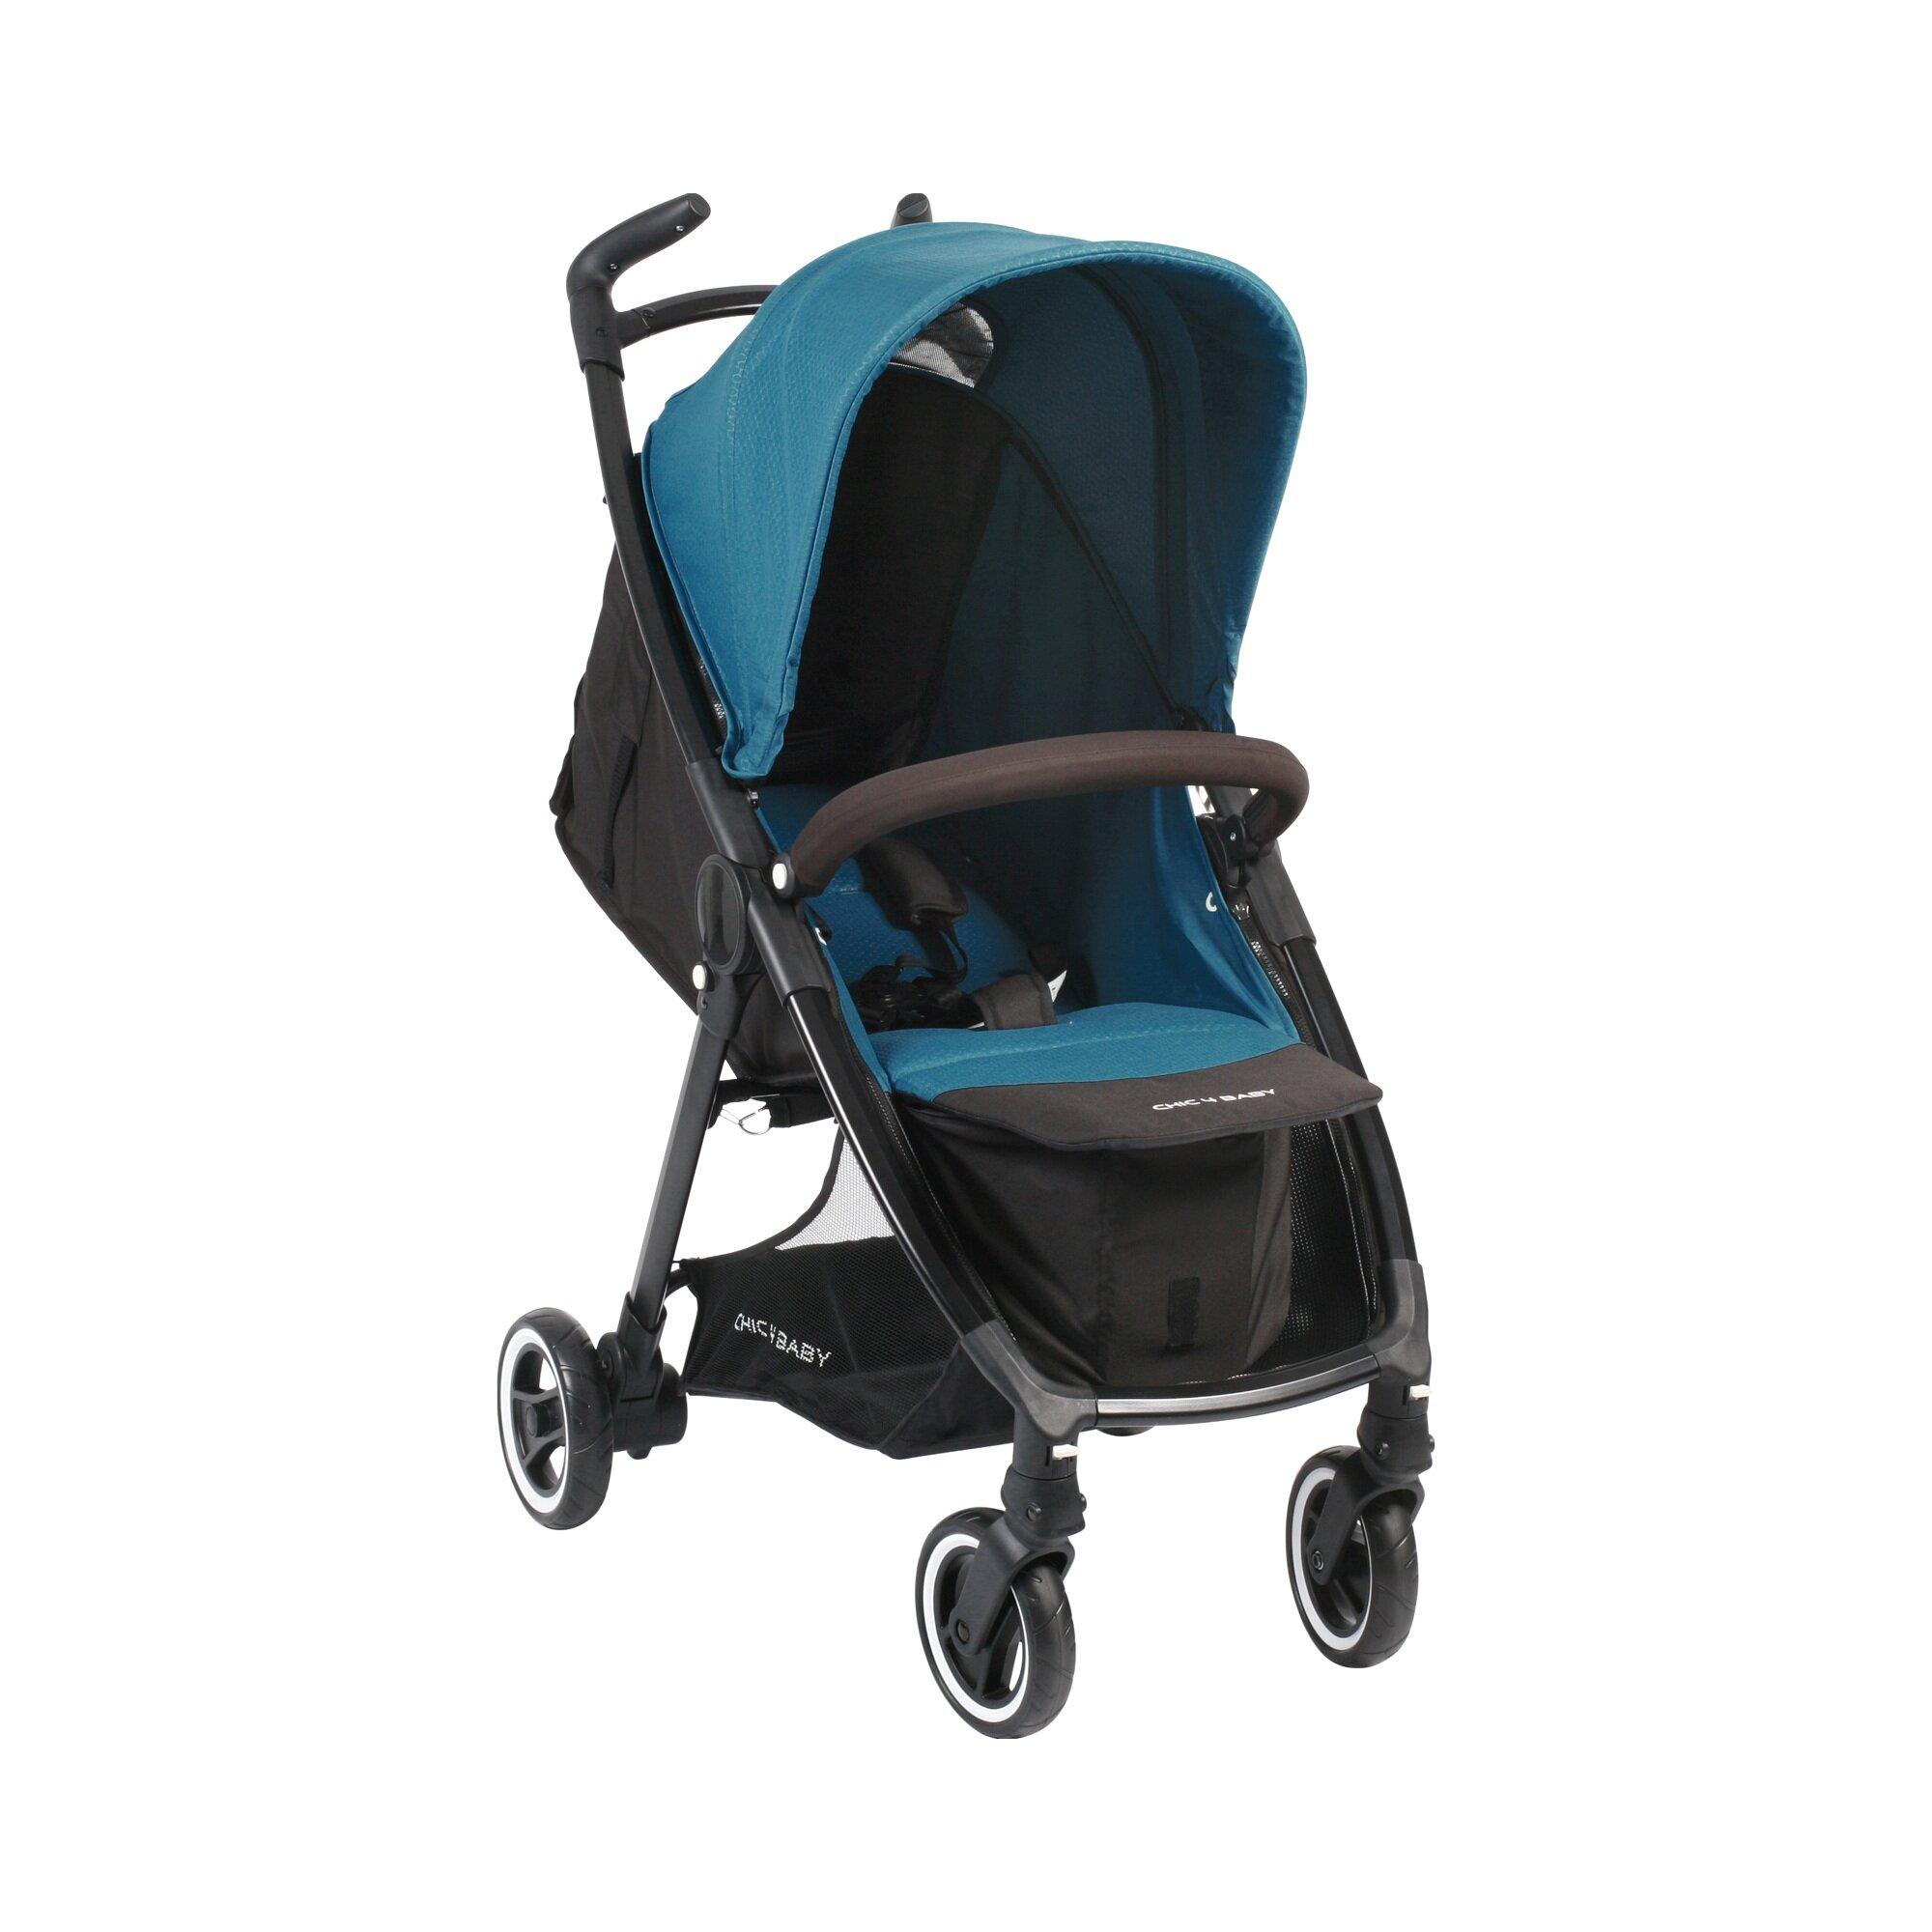 chic-4-baby-robbie-kinderwagen-sportwagen-design-2018-blau